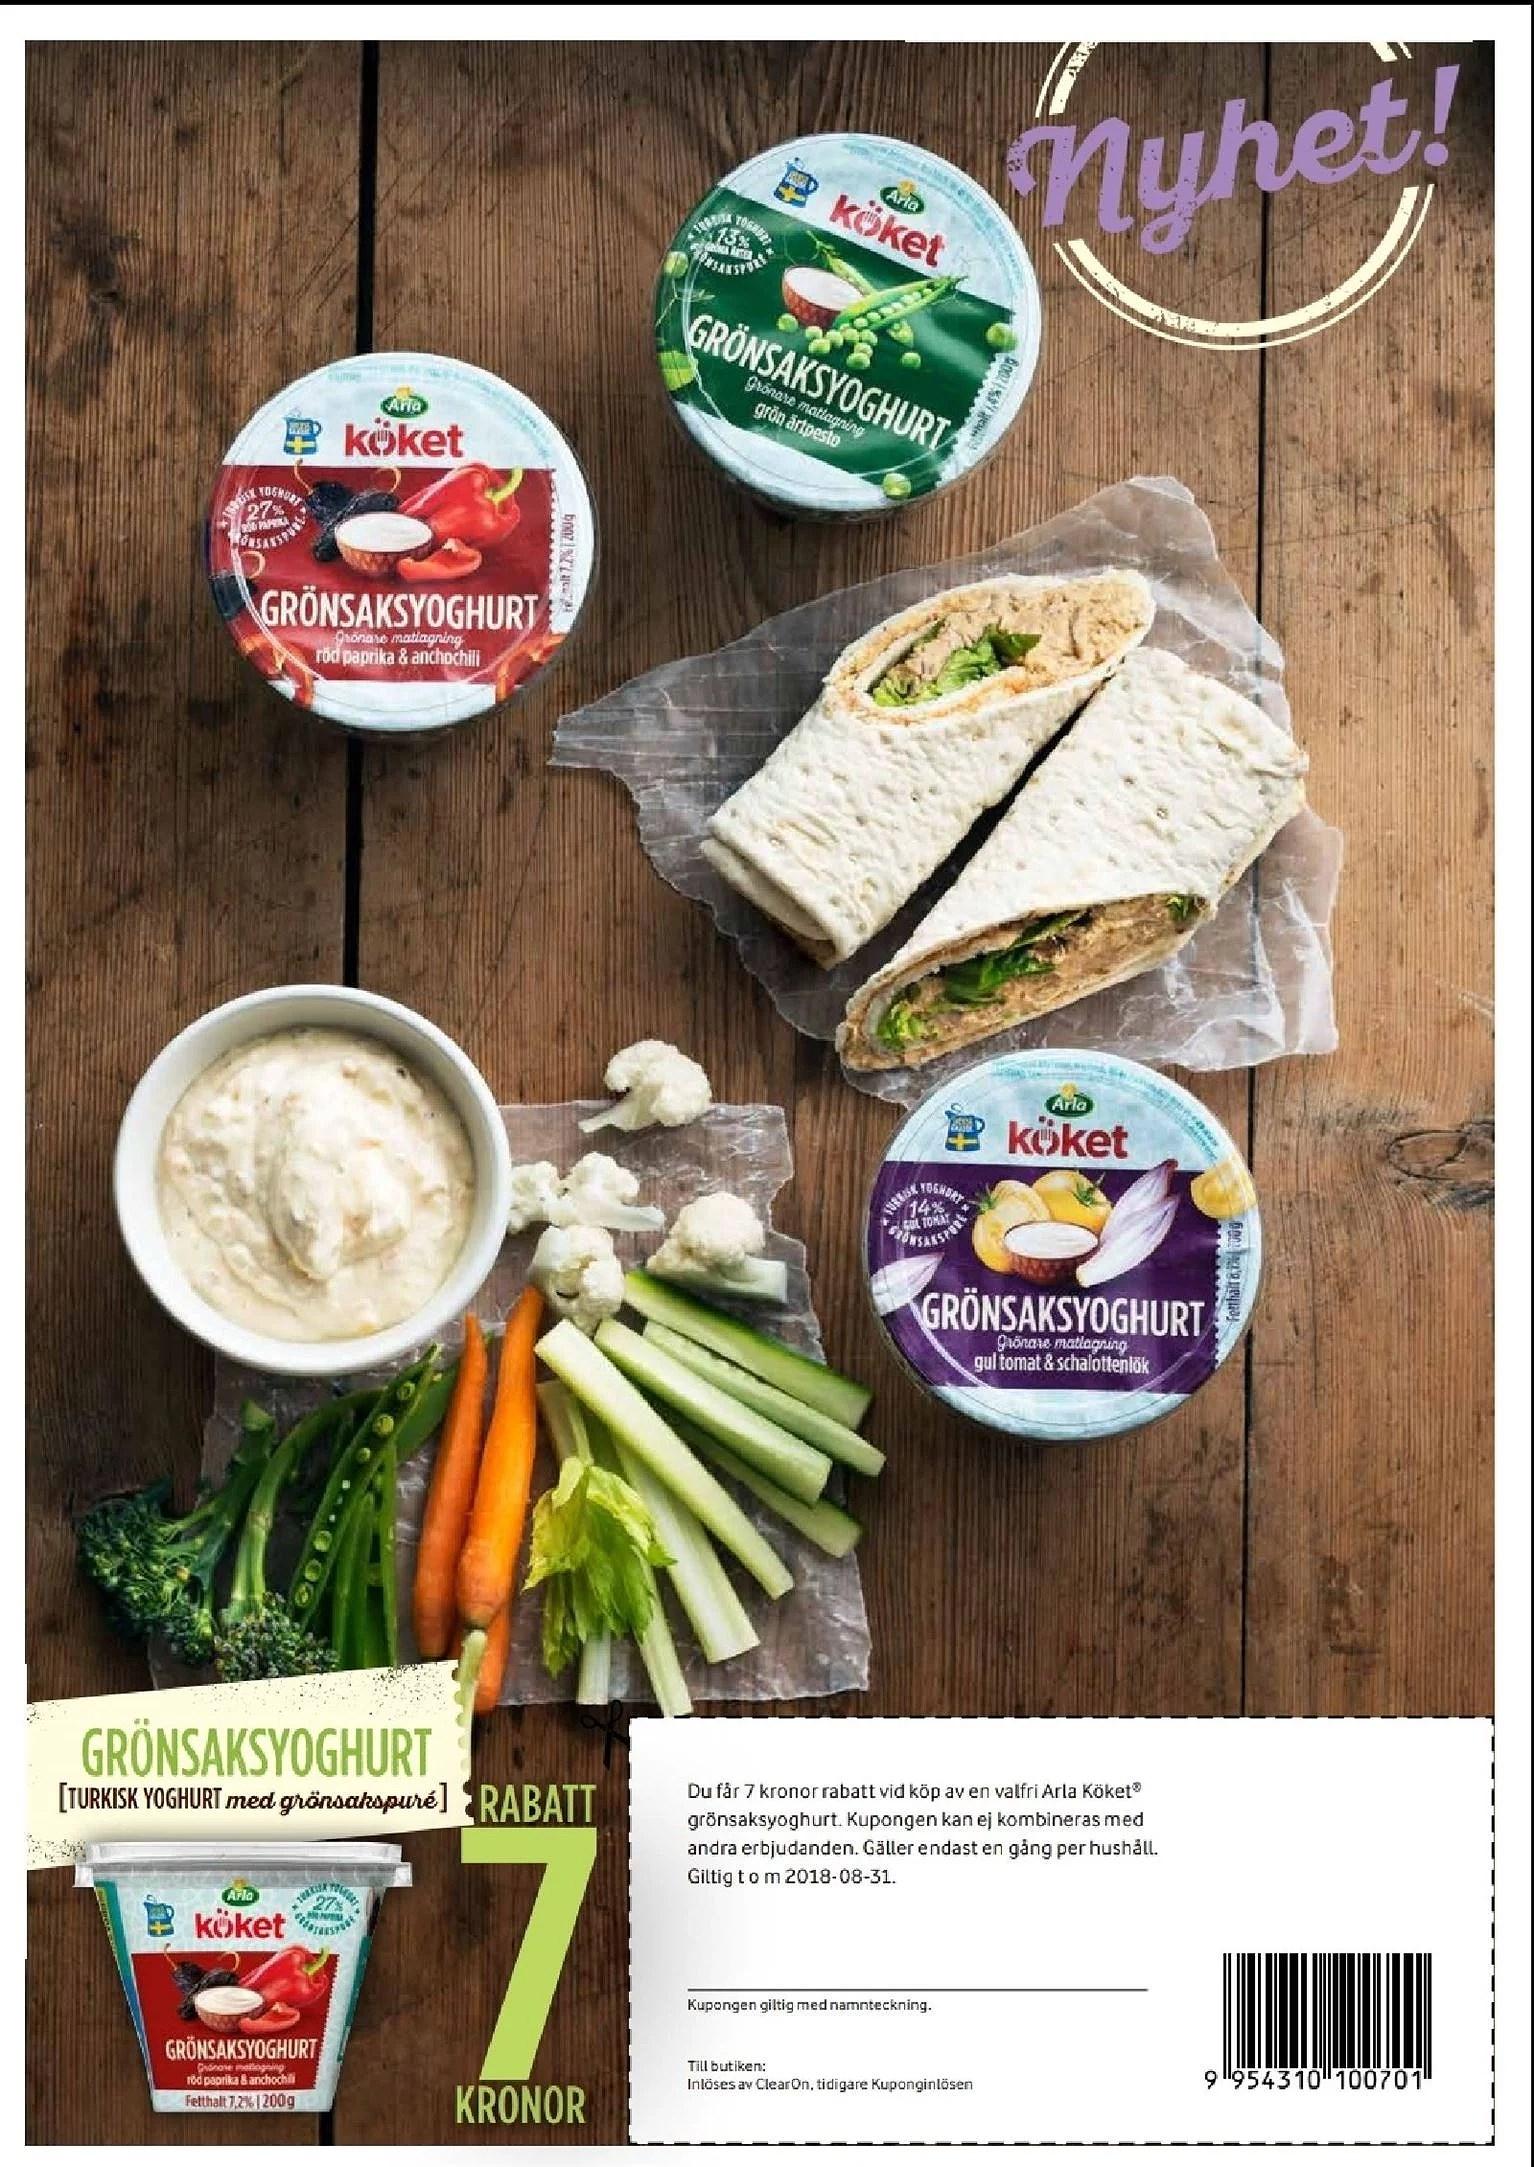 Bra kupong på grönsaksyoghurt